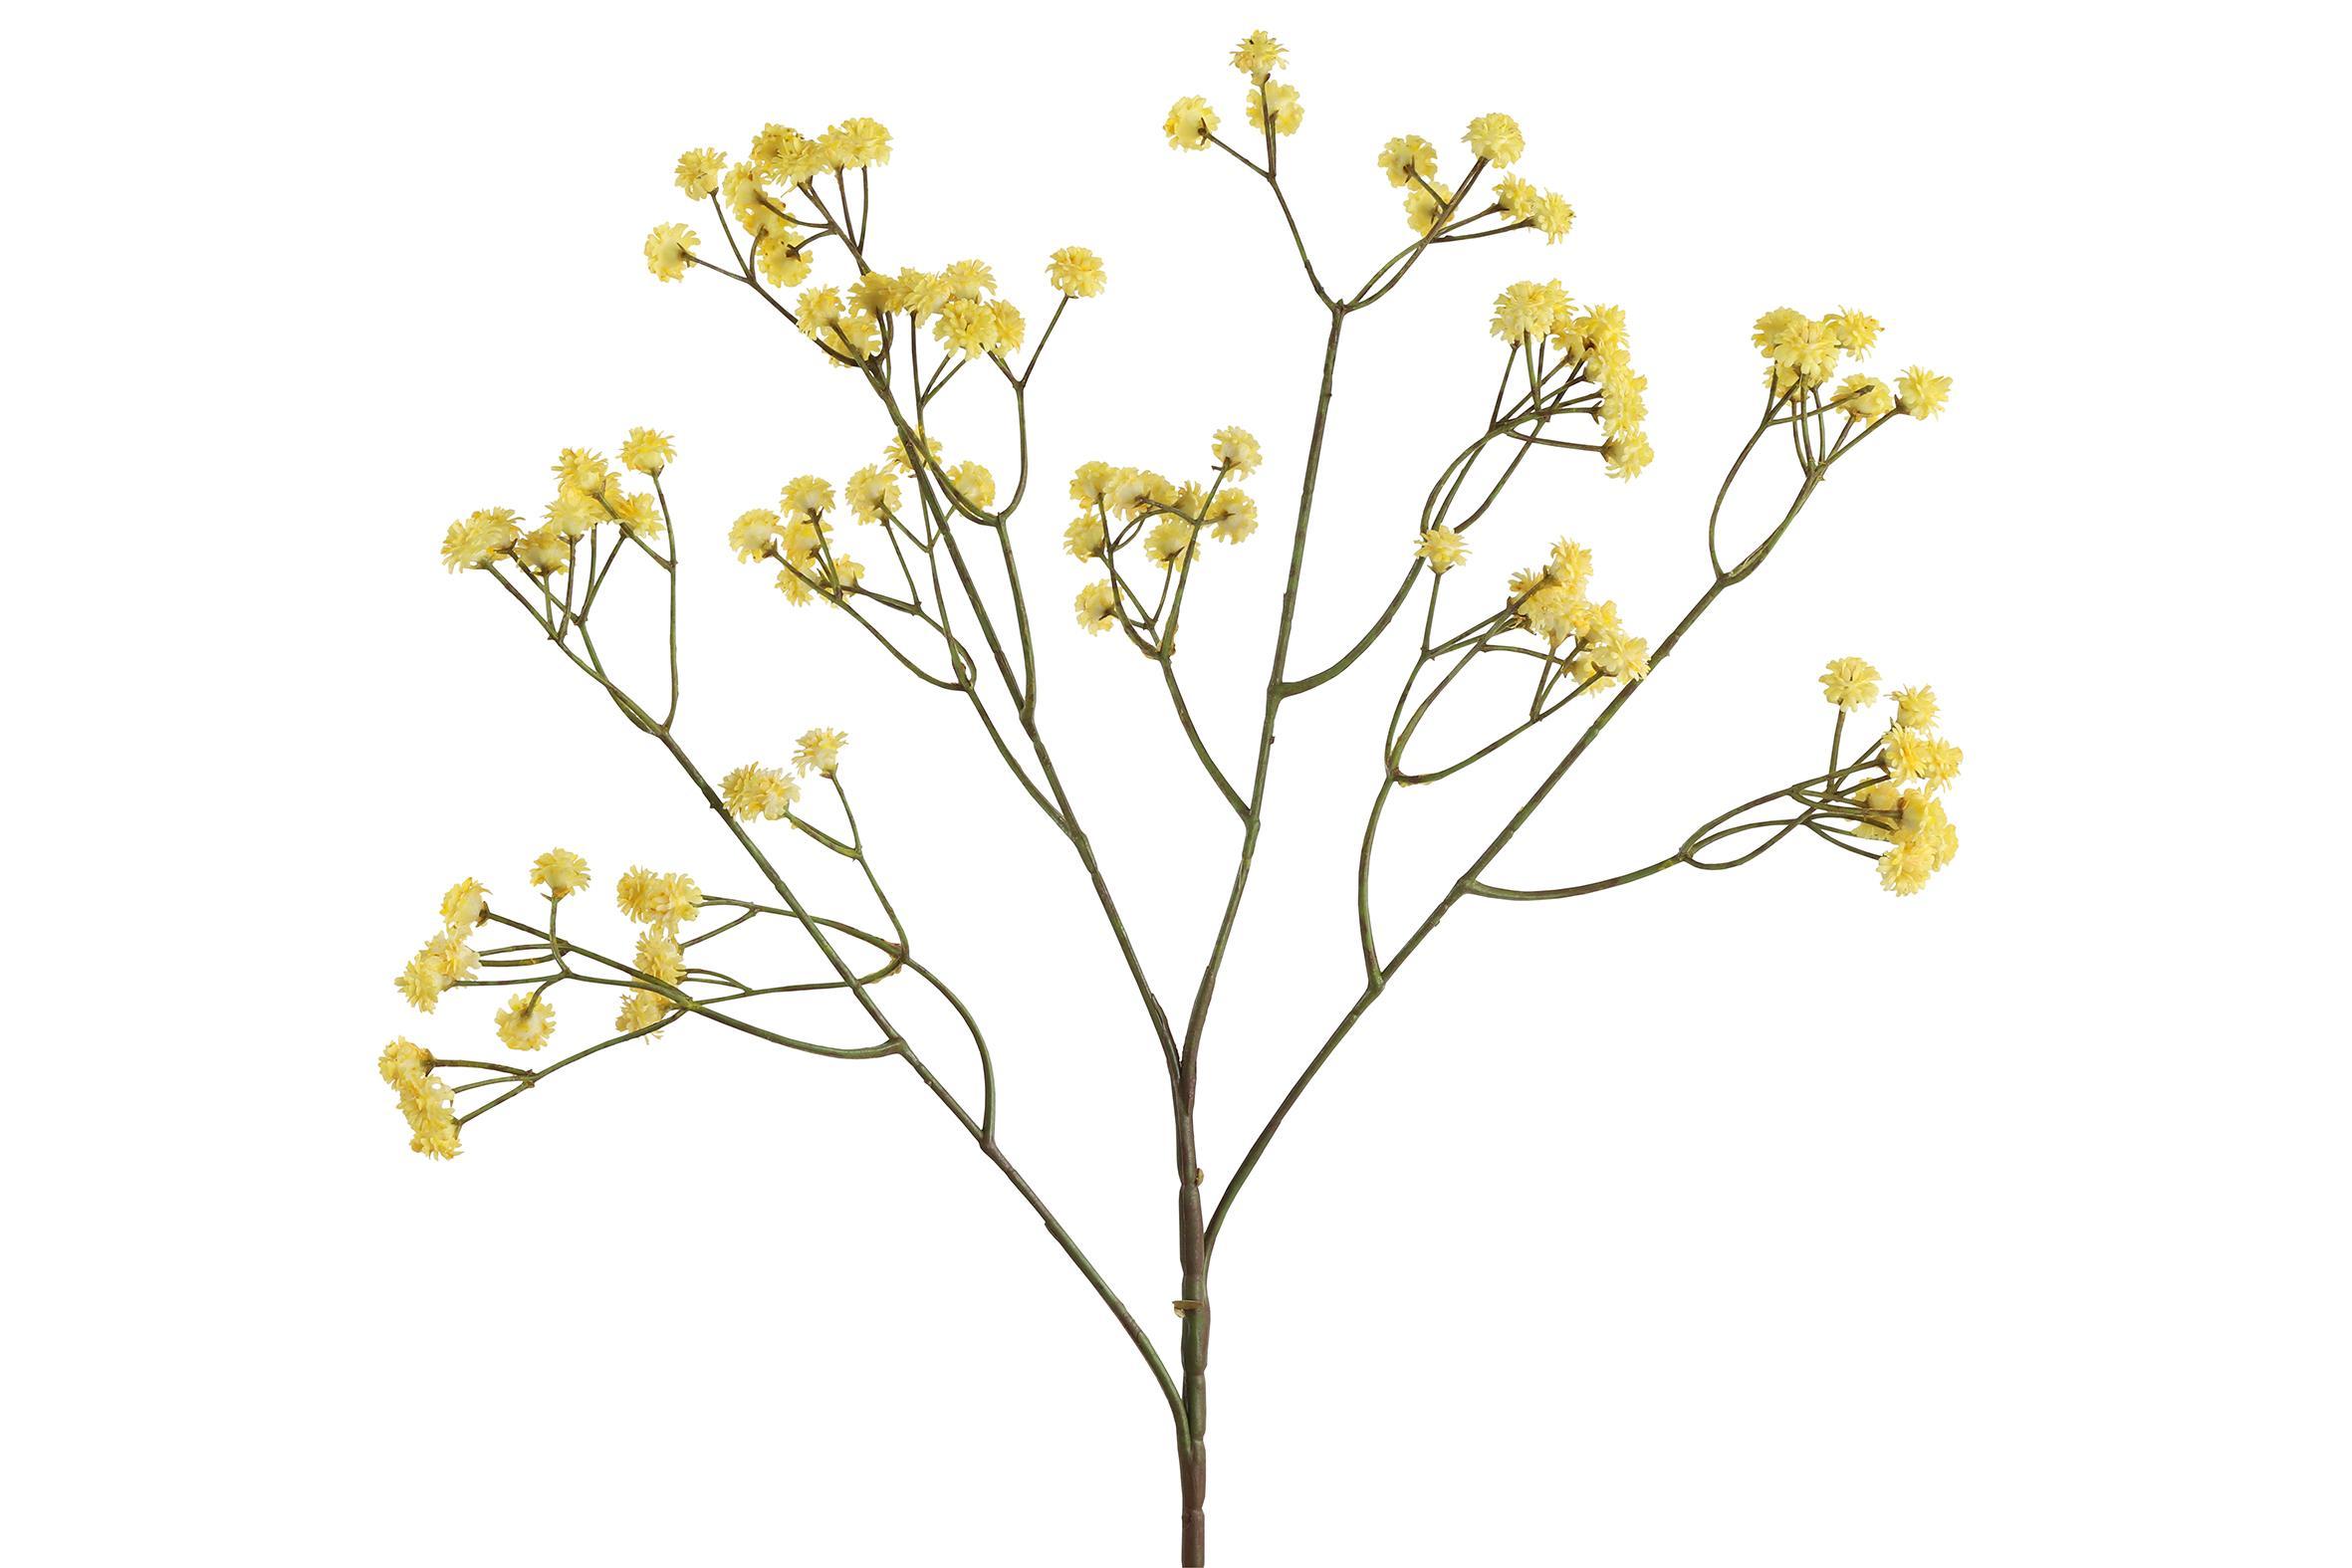 ענף גיבסנית צהוב